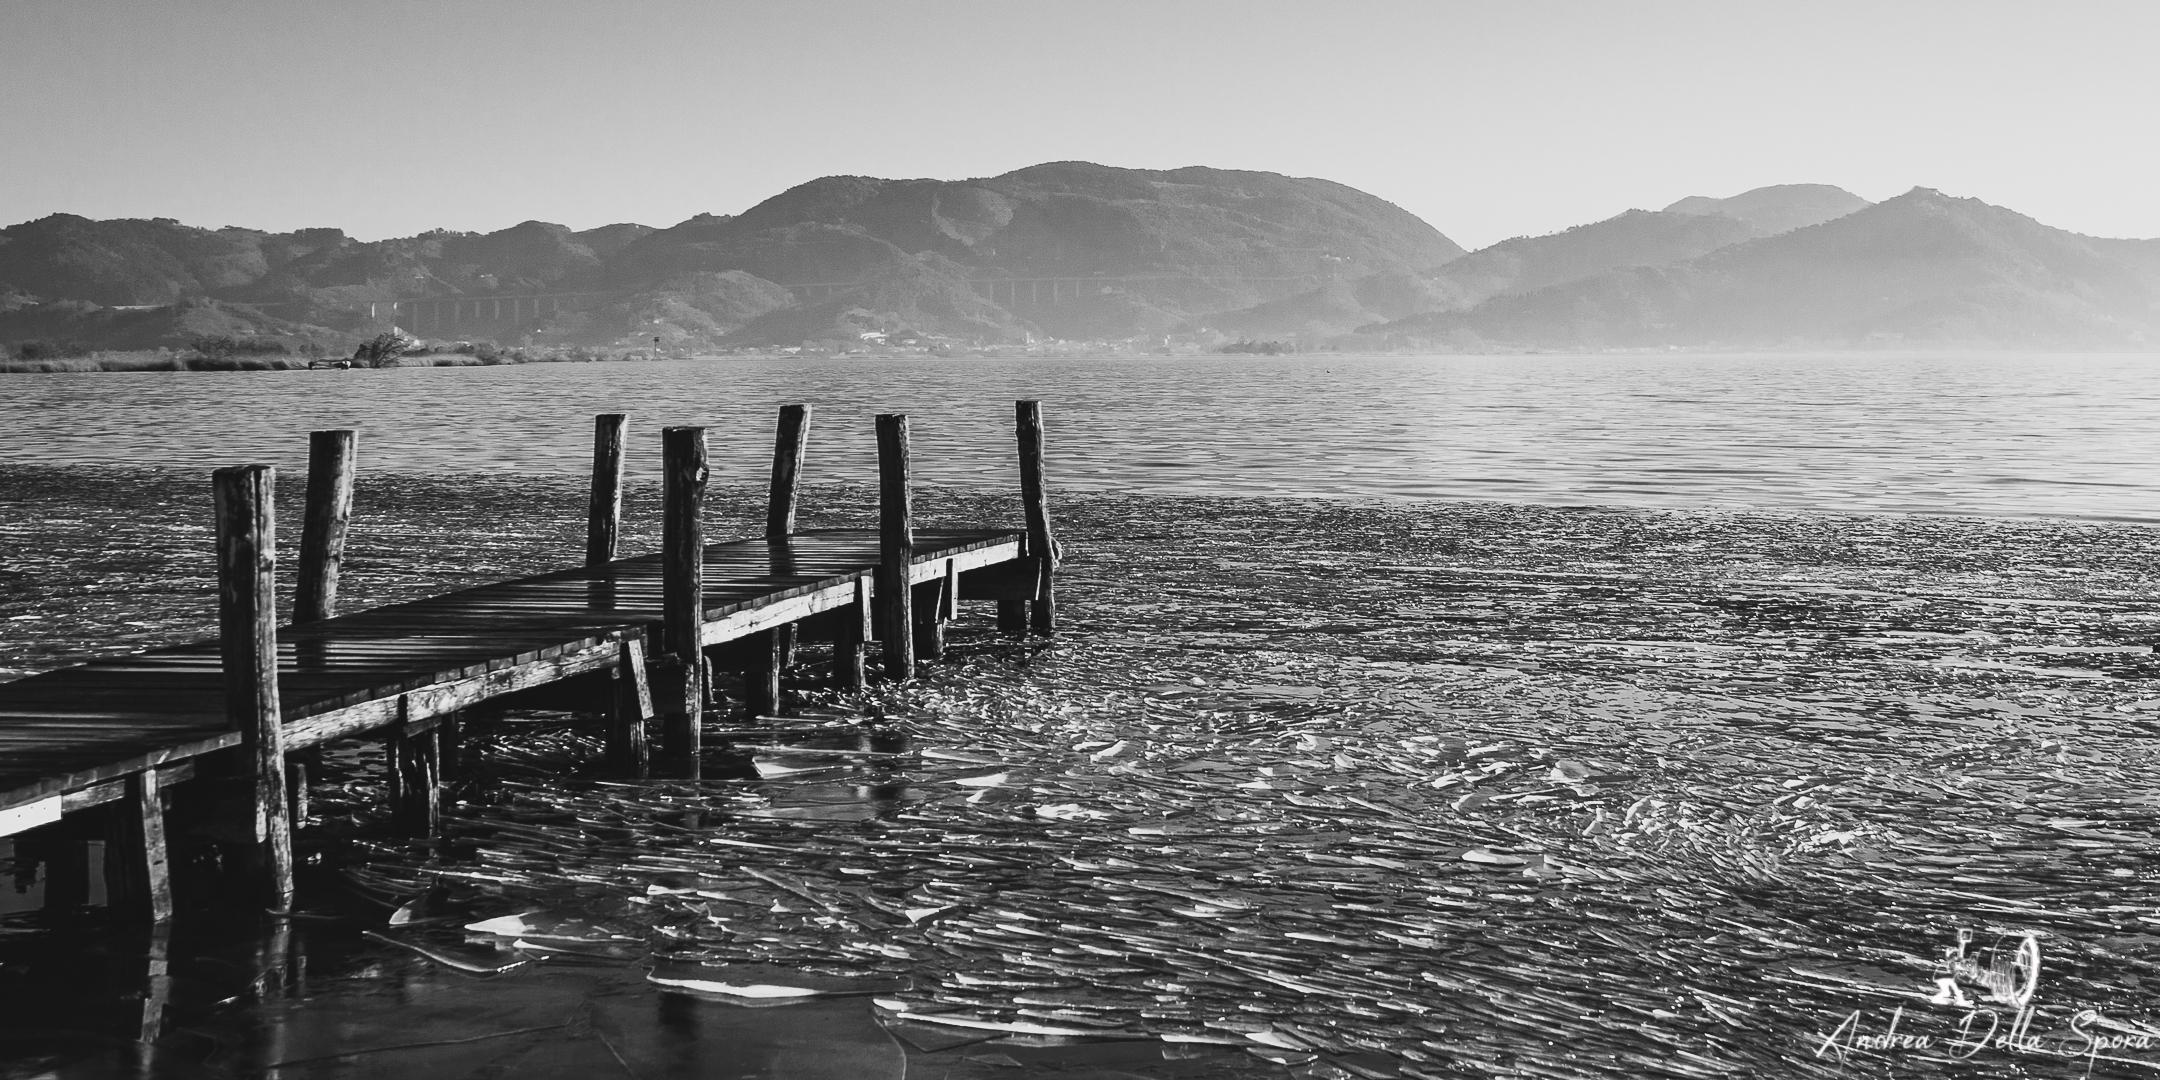 Lago ghiacciato-Massaciuccoli-Torre del lago Puccini